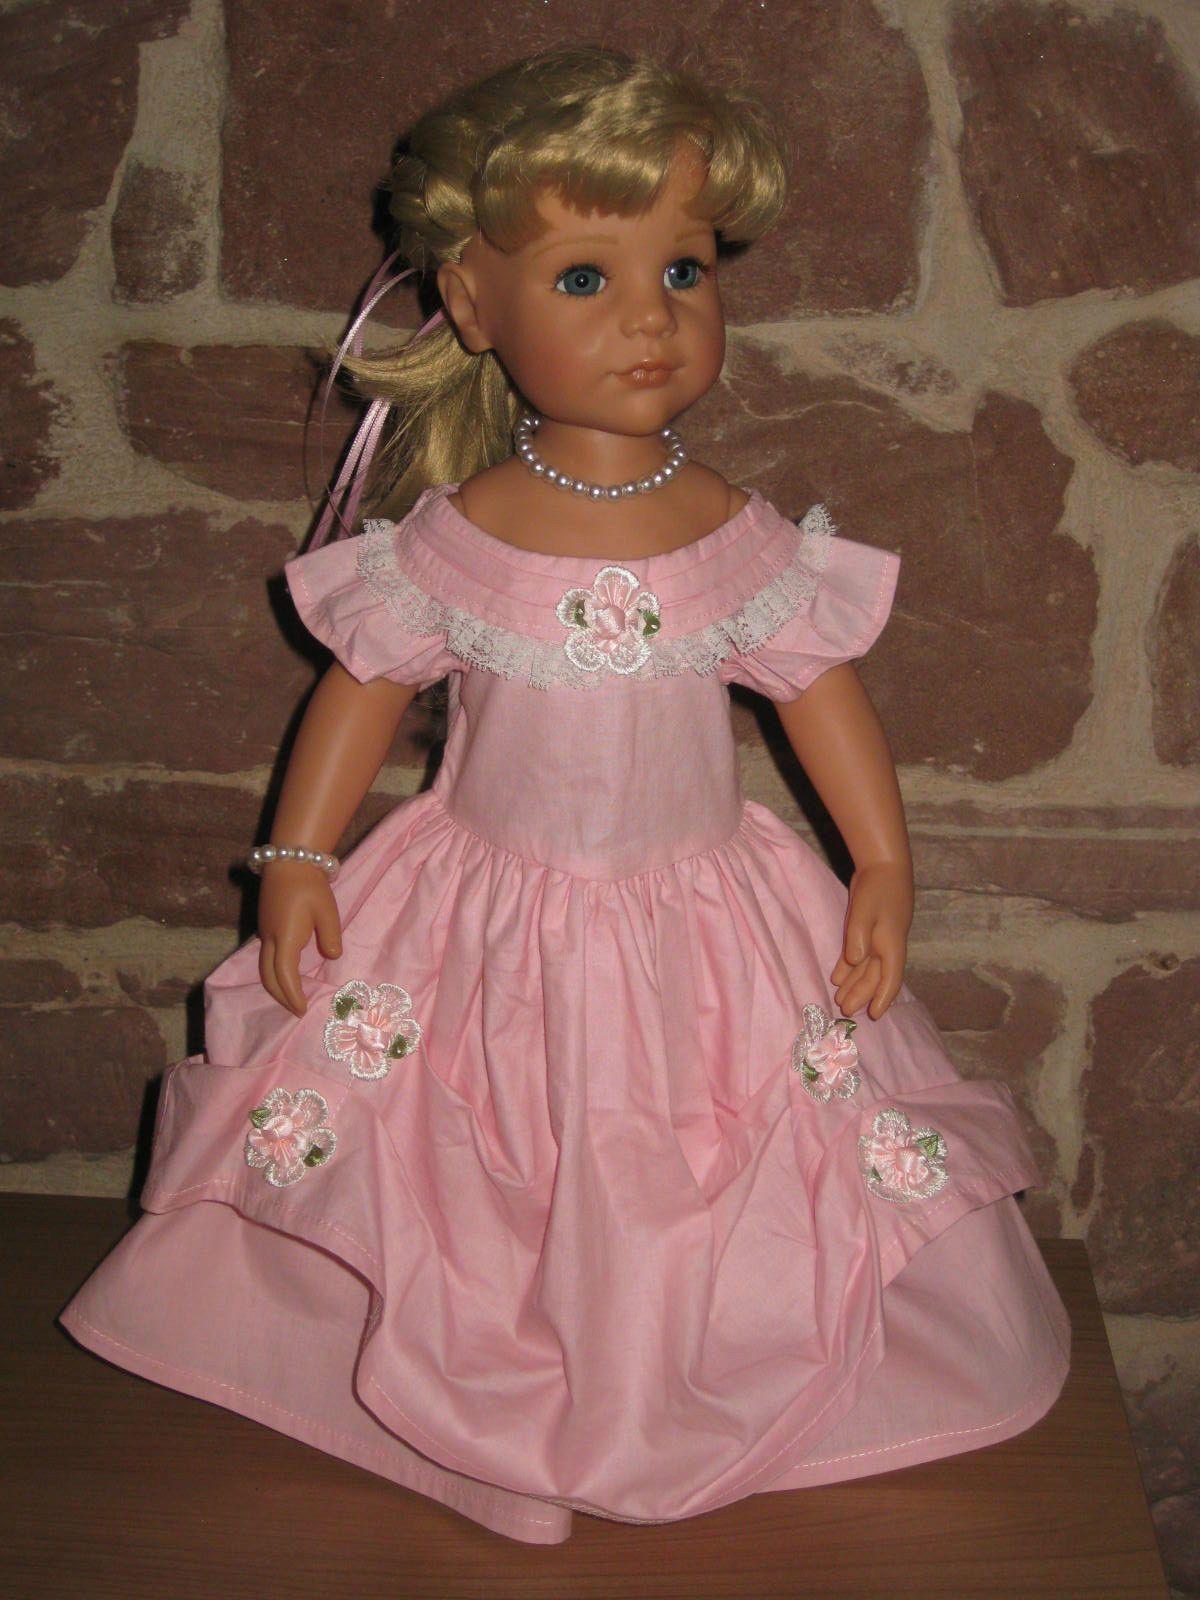 Prinzessinnen Kleid, Puppenkleidung, 46, 50cm Puppe, ohne Götz Puppe ...